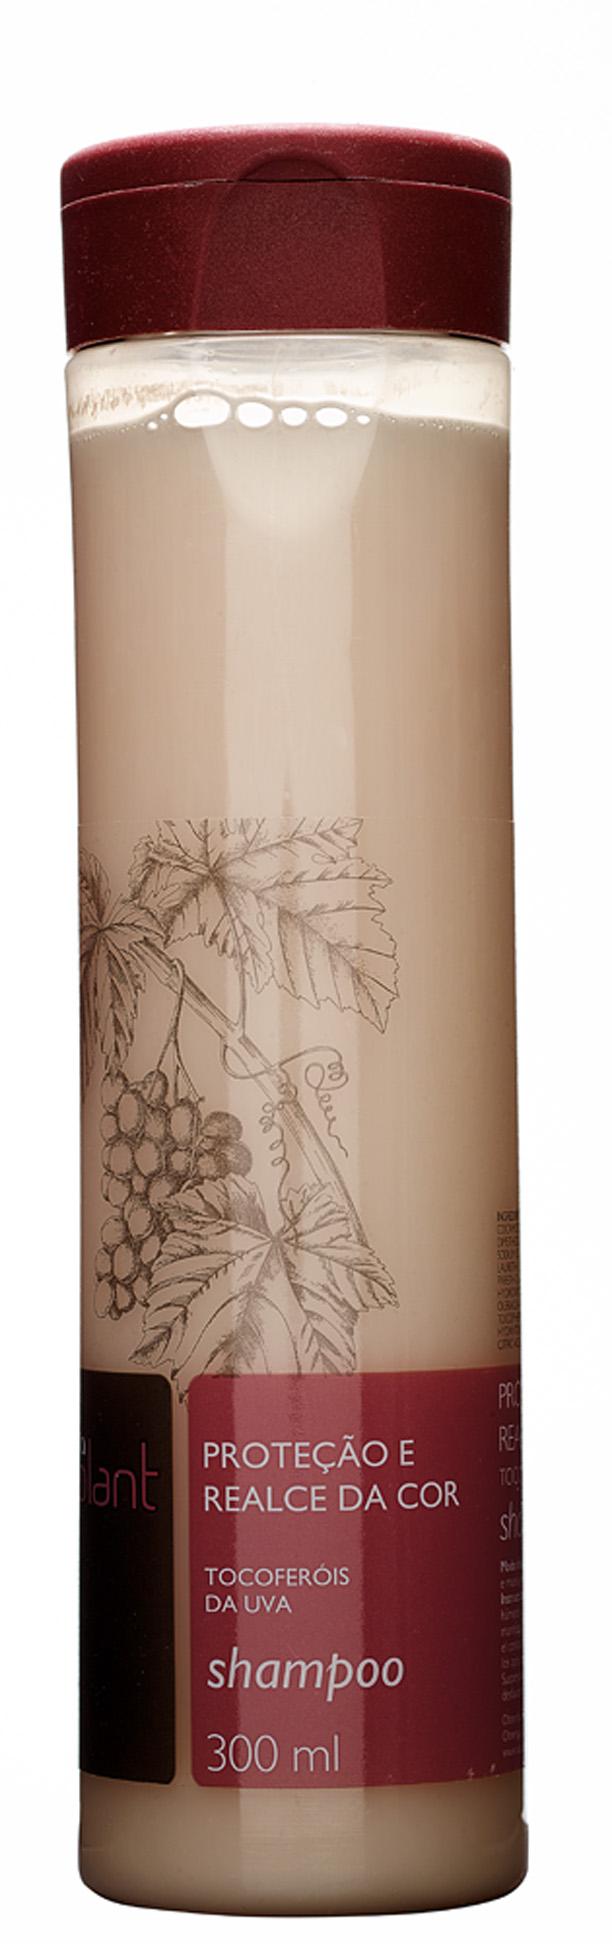 Plant, R$ 10,60: trata e recupera os fios danificados pela ação química de tinturas, protegendo e realçando a cor. Natura 0800-115566